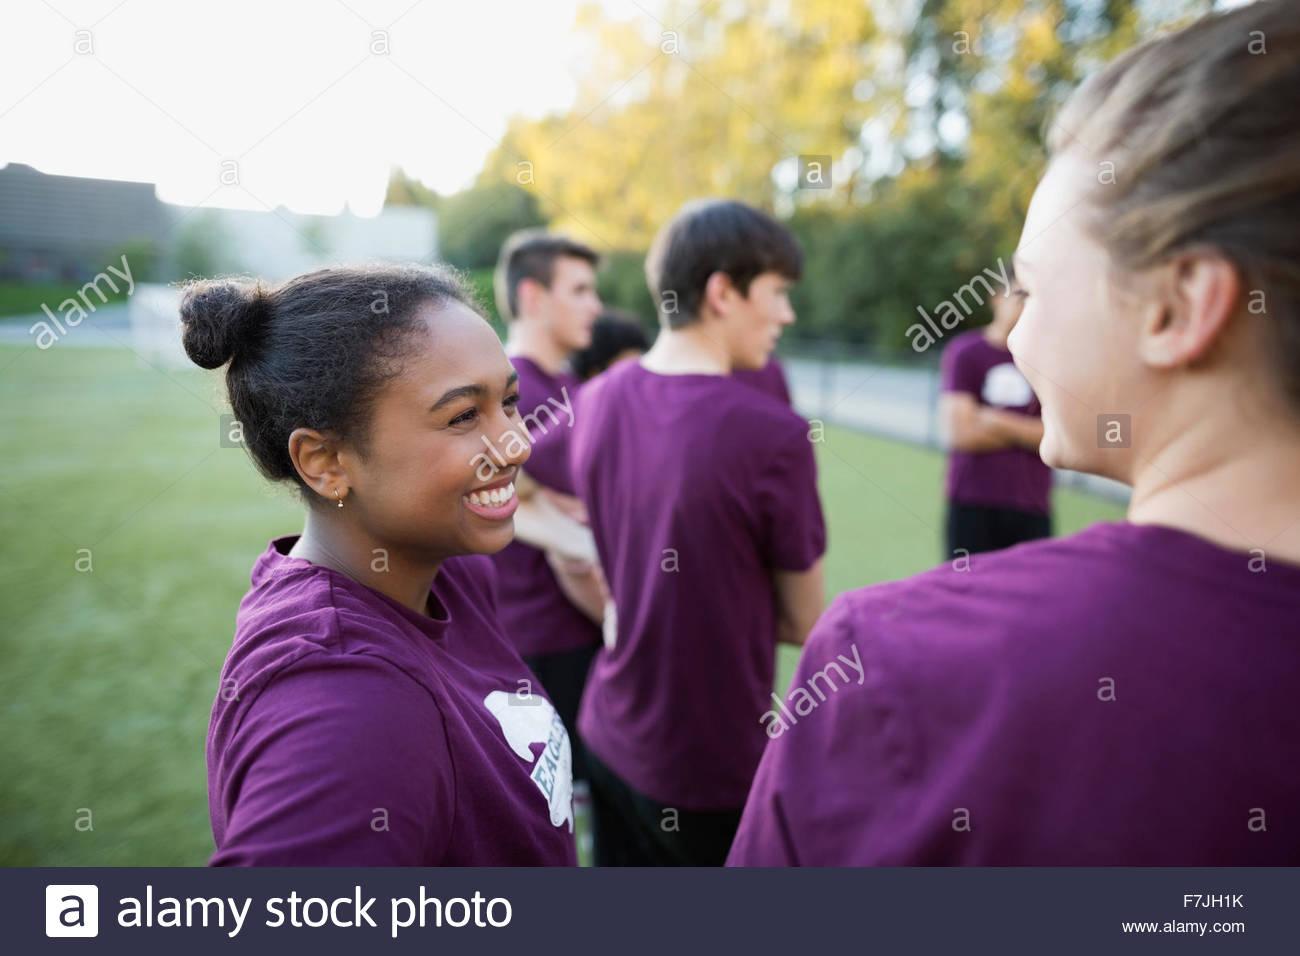 Smiling lycéens parler en éducation physique Photo Stock